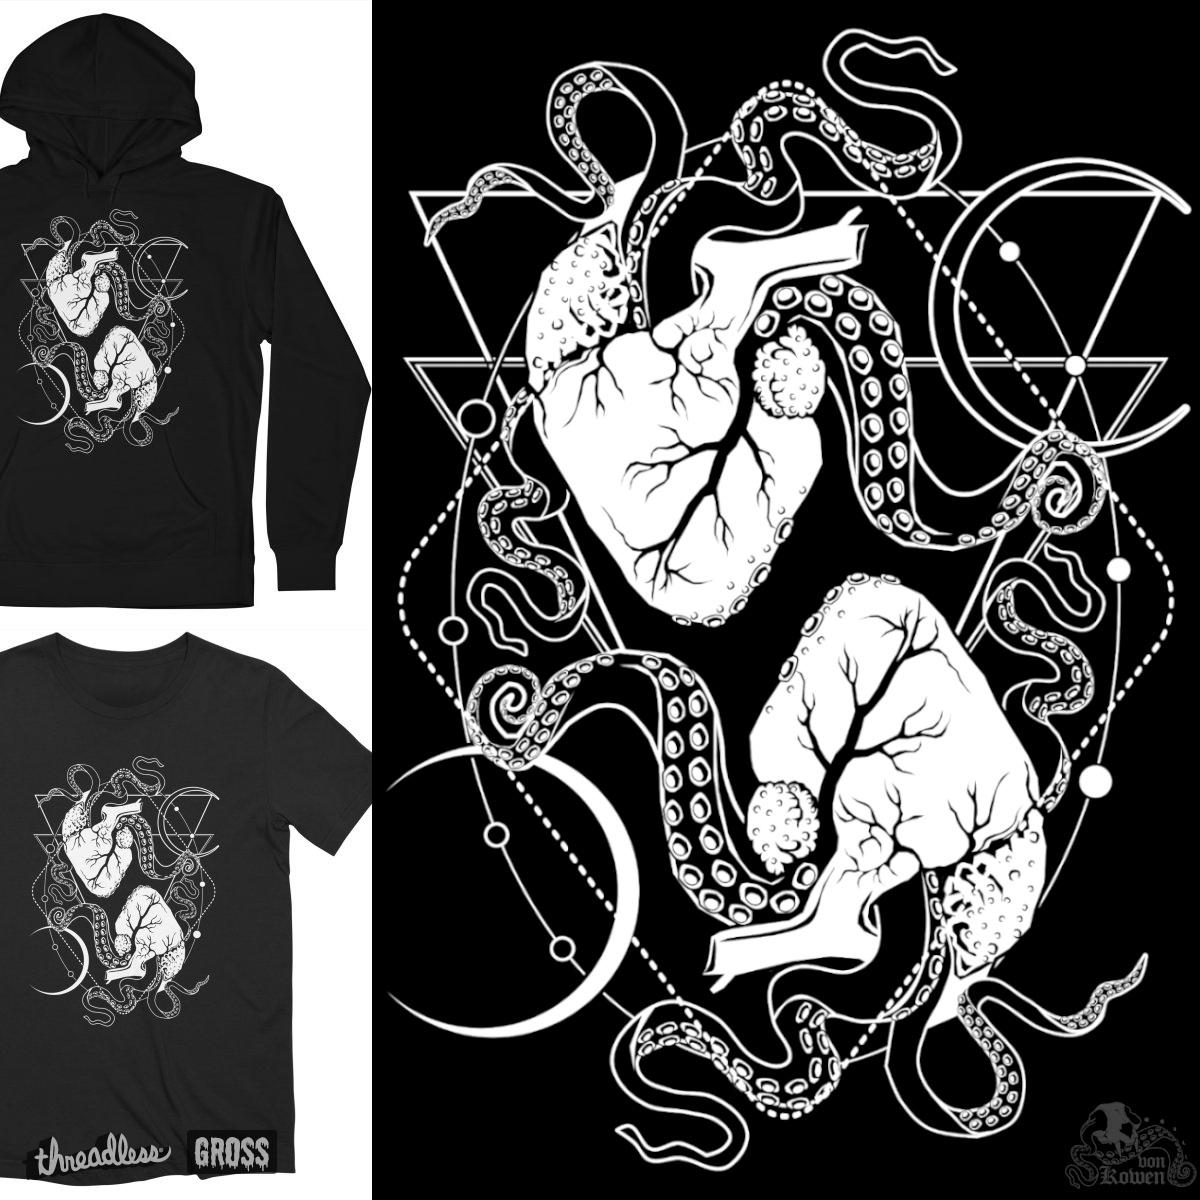 Monster Hearts, a cool t-shirt design